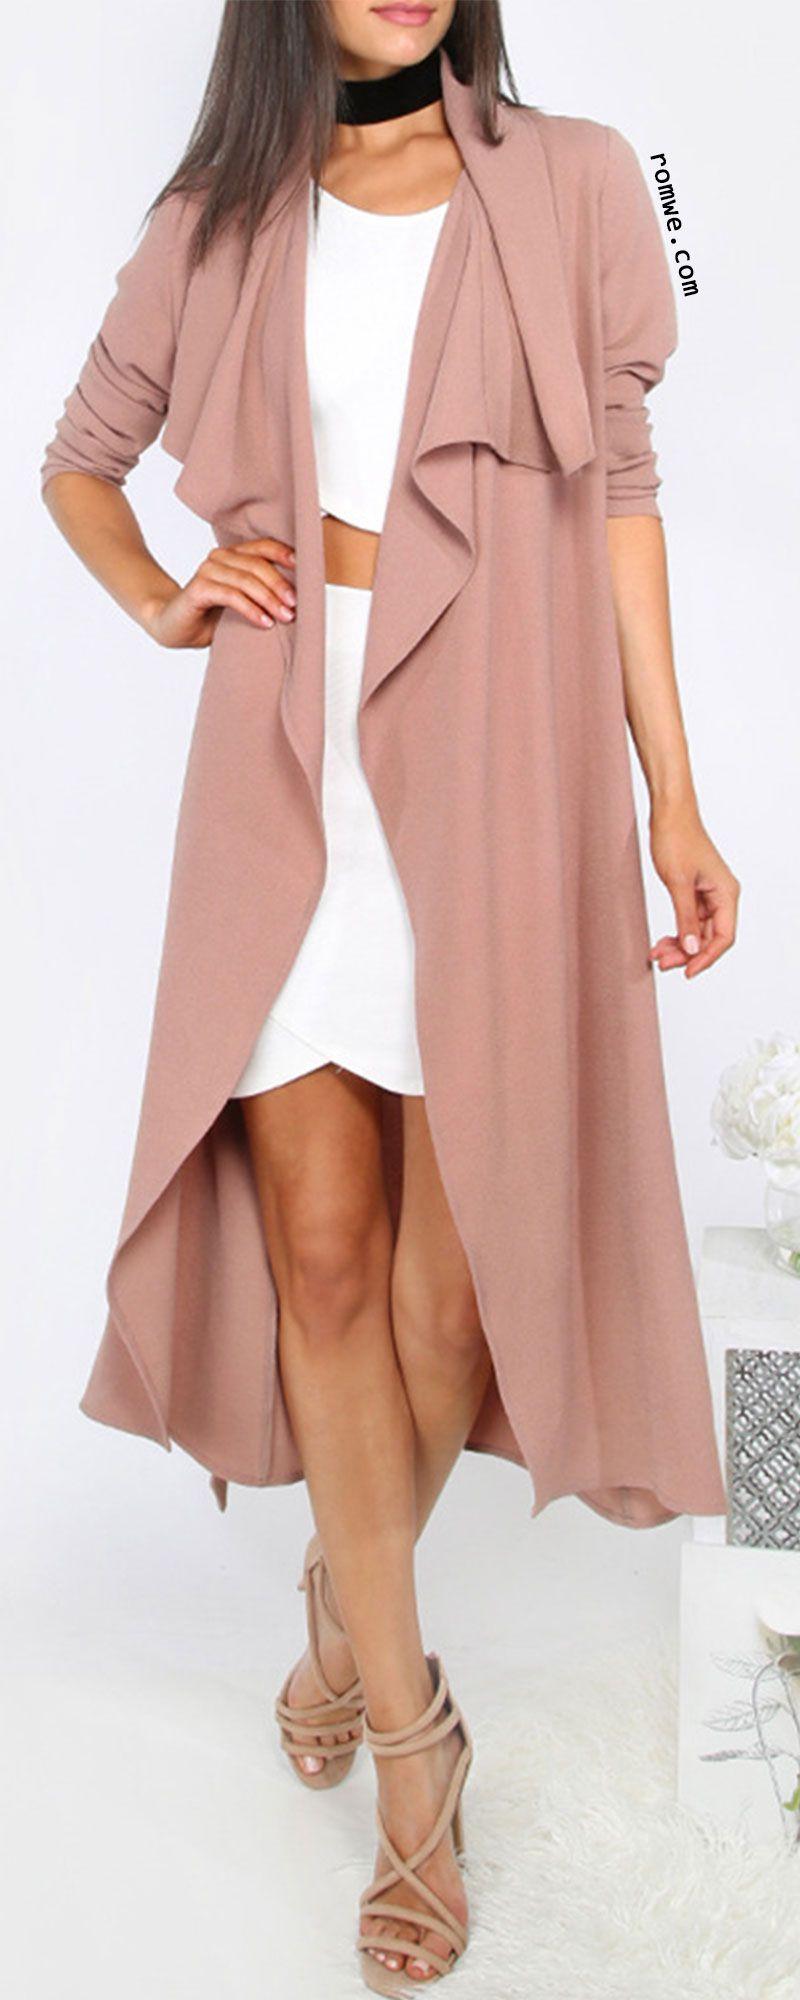 Coffee Lapel Tie Waist Long Sleeve Outerwear | °My Style ...